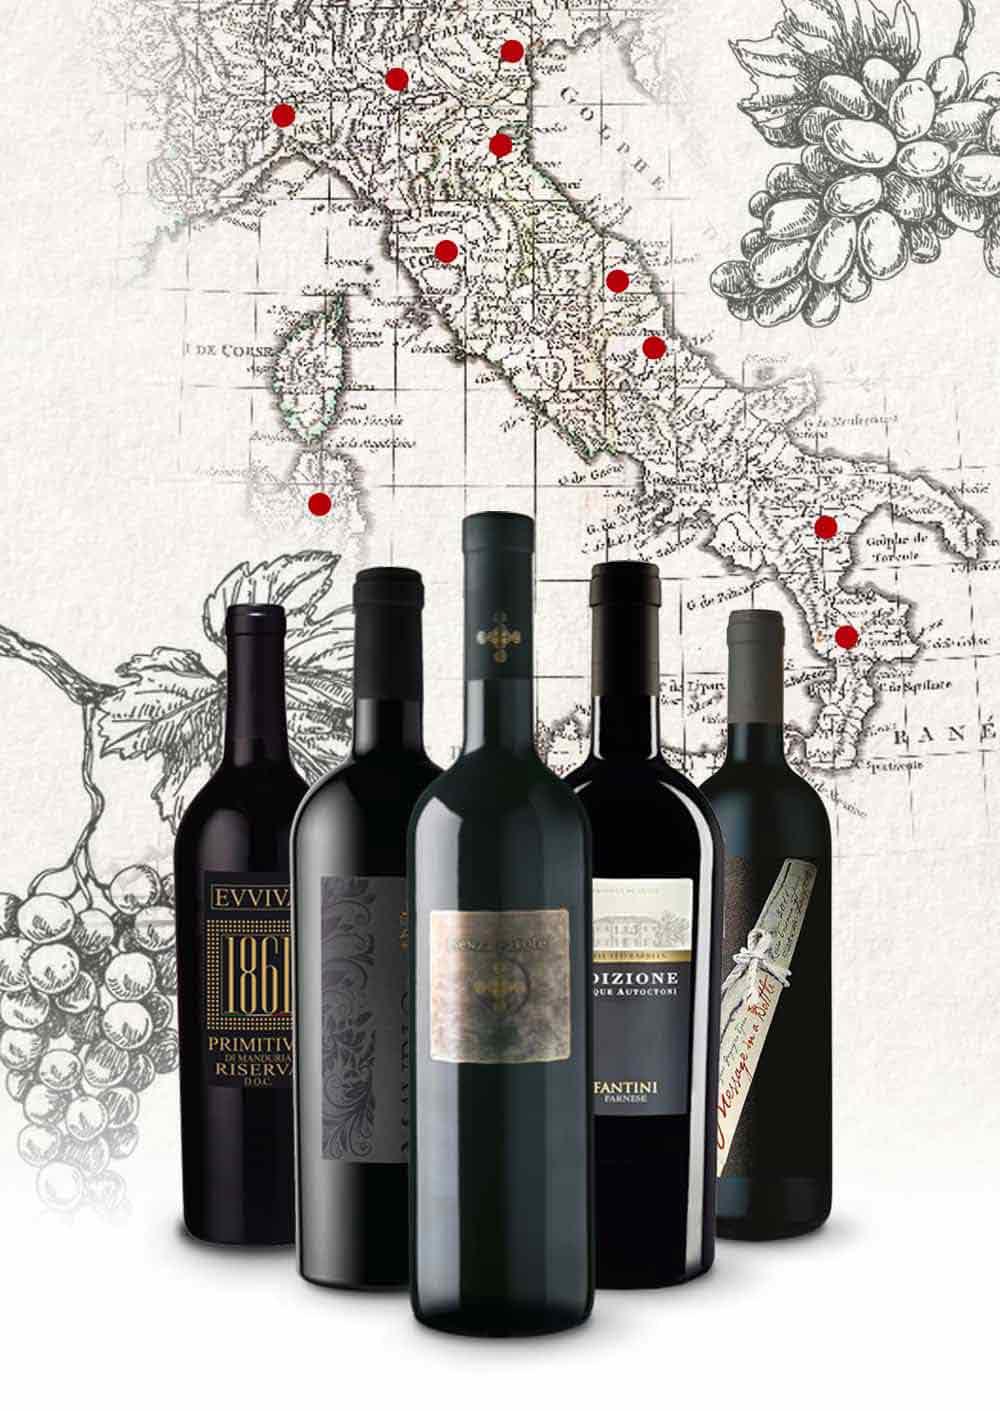 Weinbau mit jahrtausendalter Geschichte